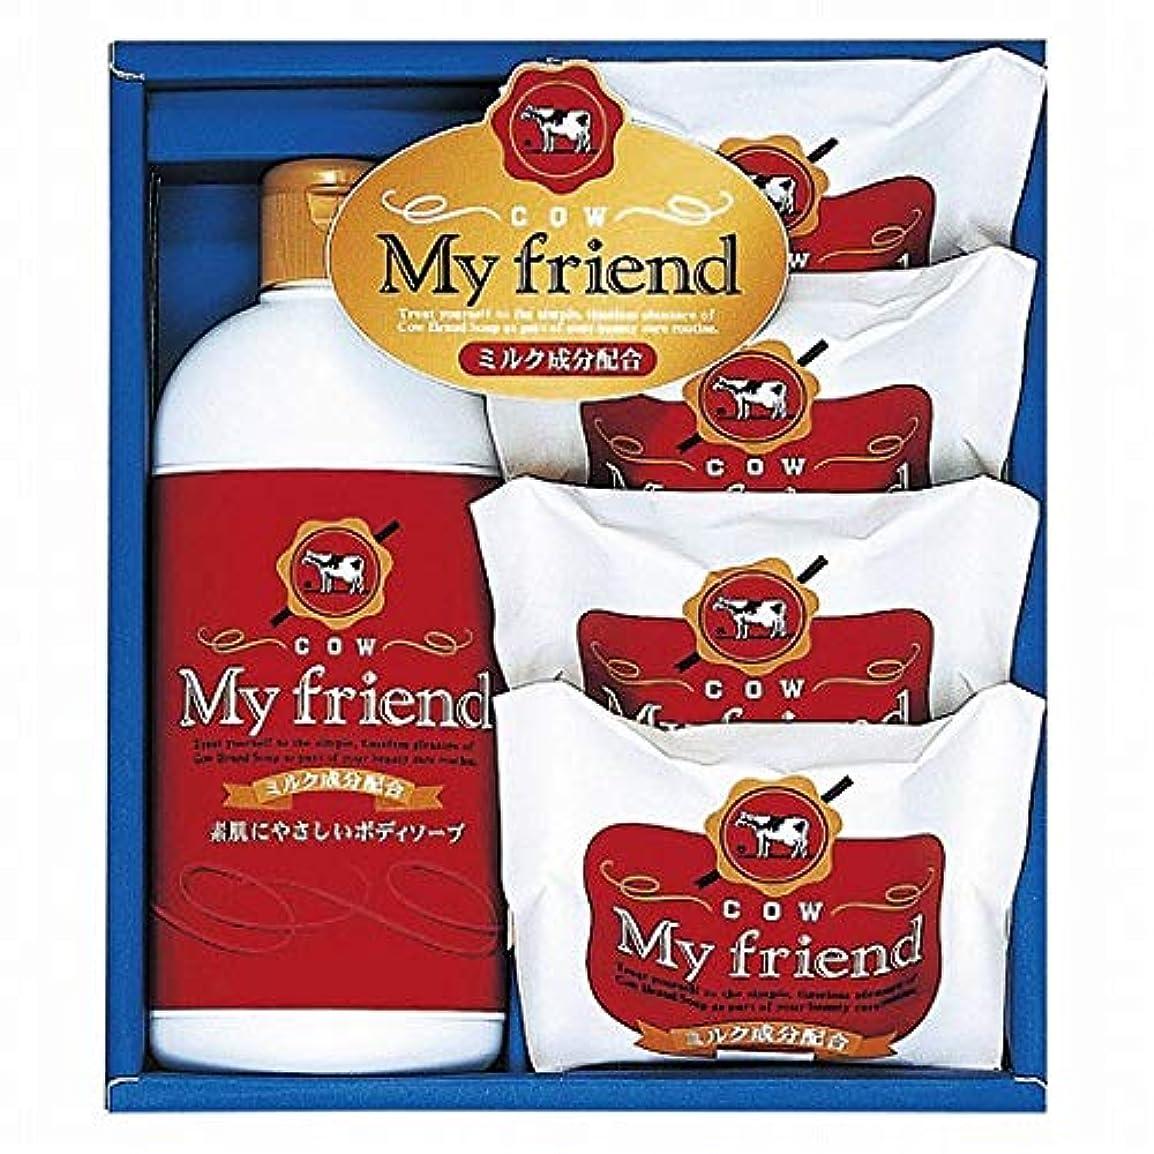 牛乳石鹸 マイフレンドボディソープセット